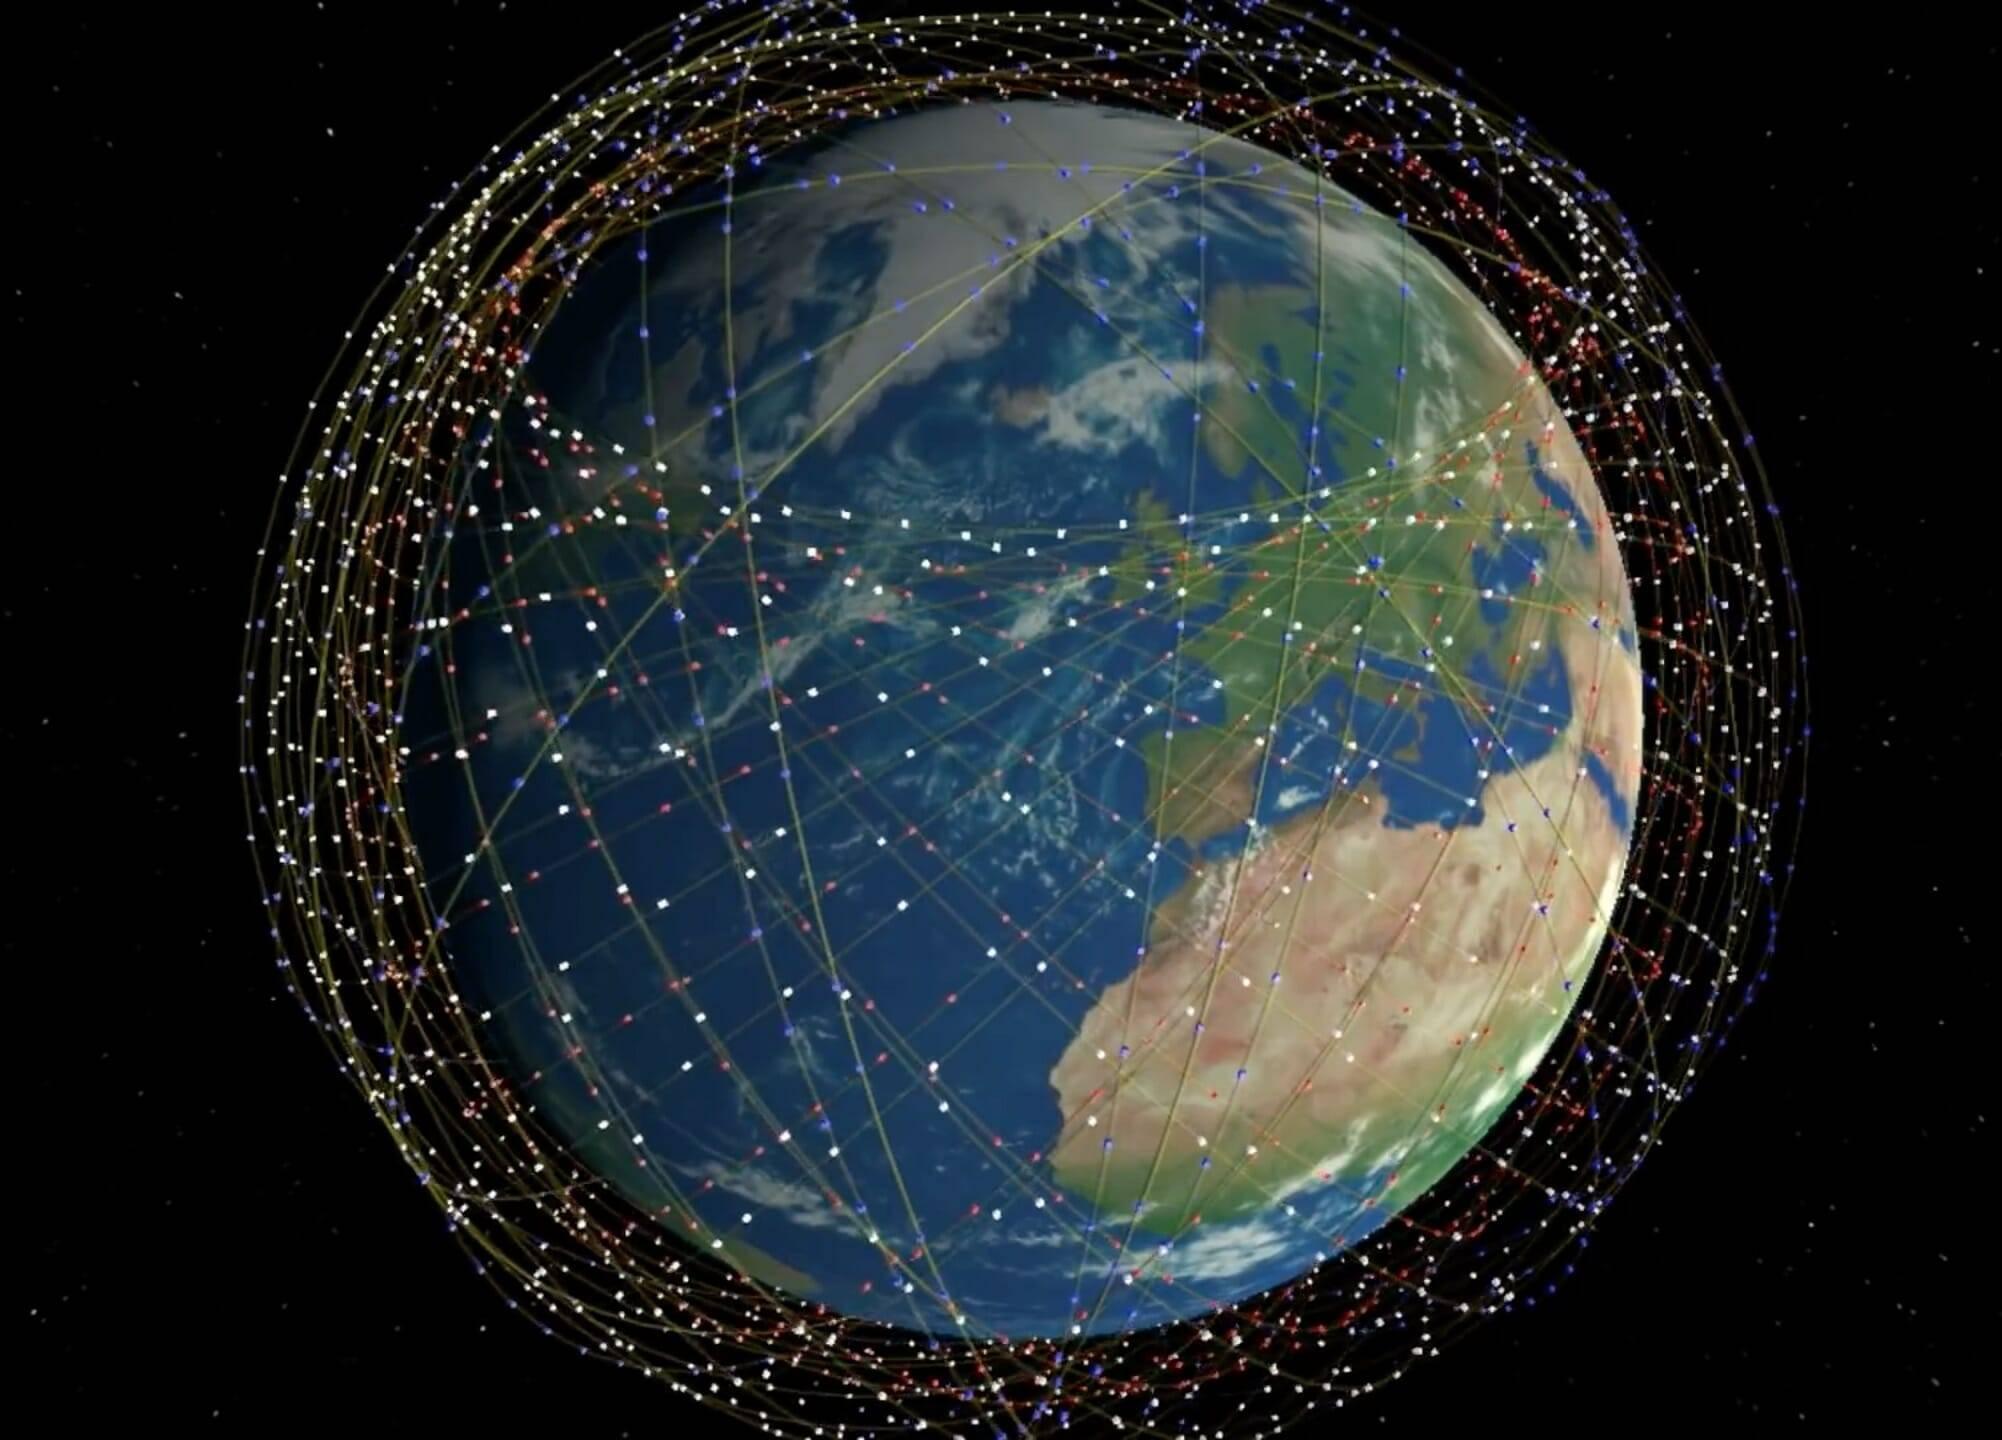 Спутниковый интернет Starlink продолжает развиваться: в этом году он станет мобильным и покроет почти всю планету - 3